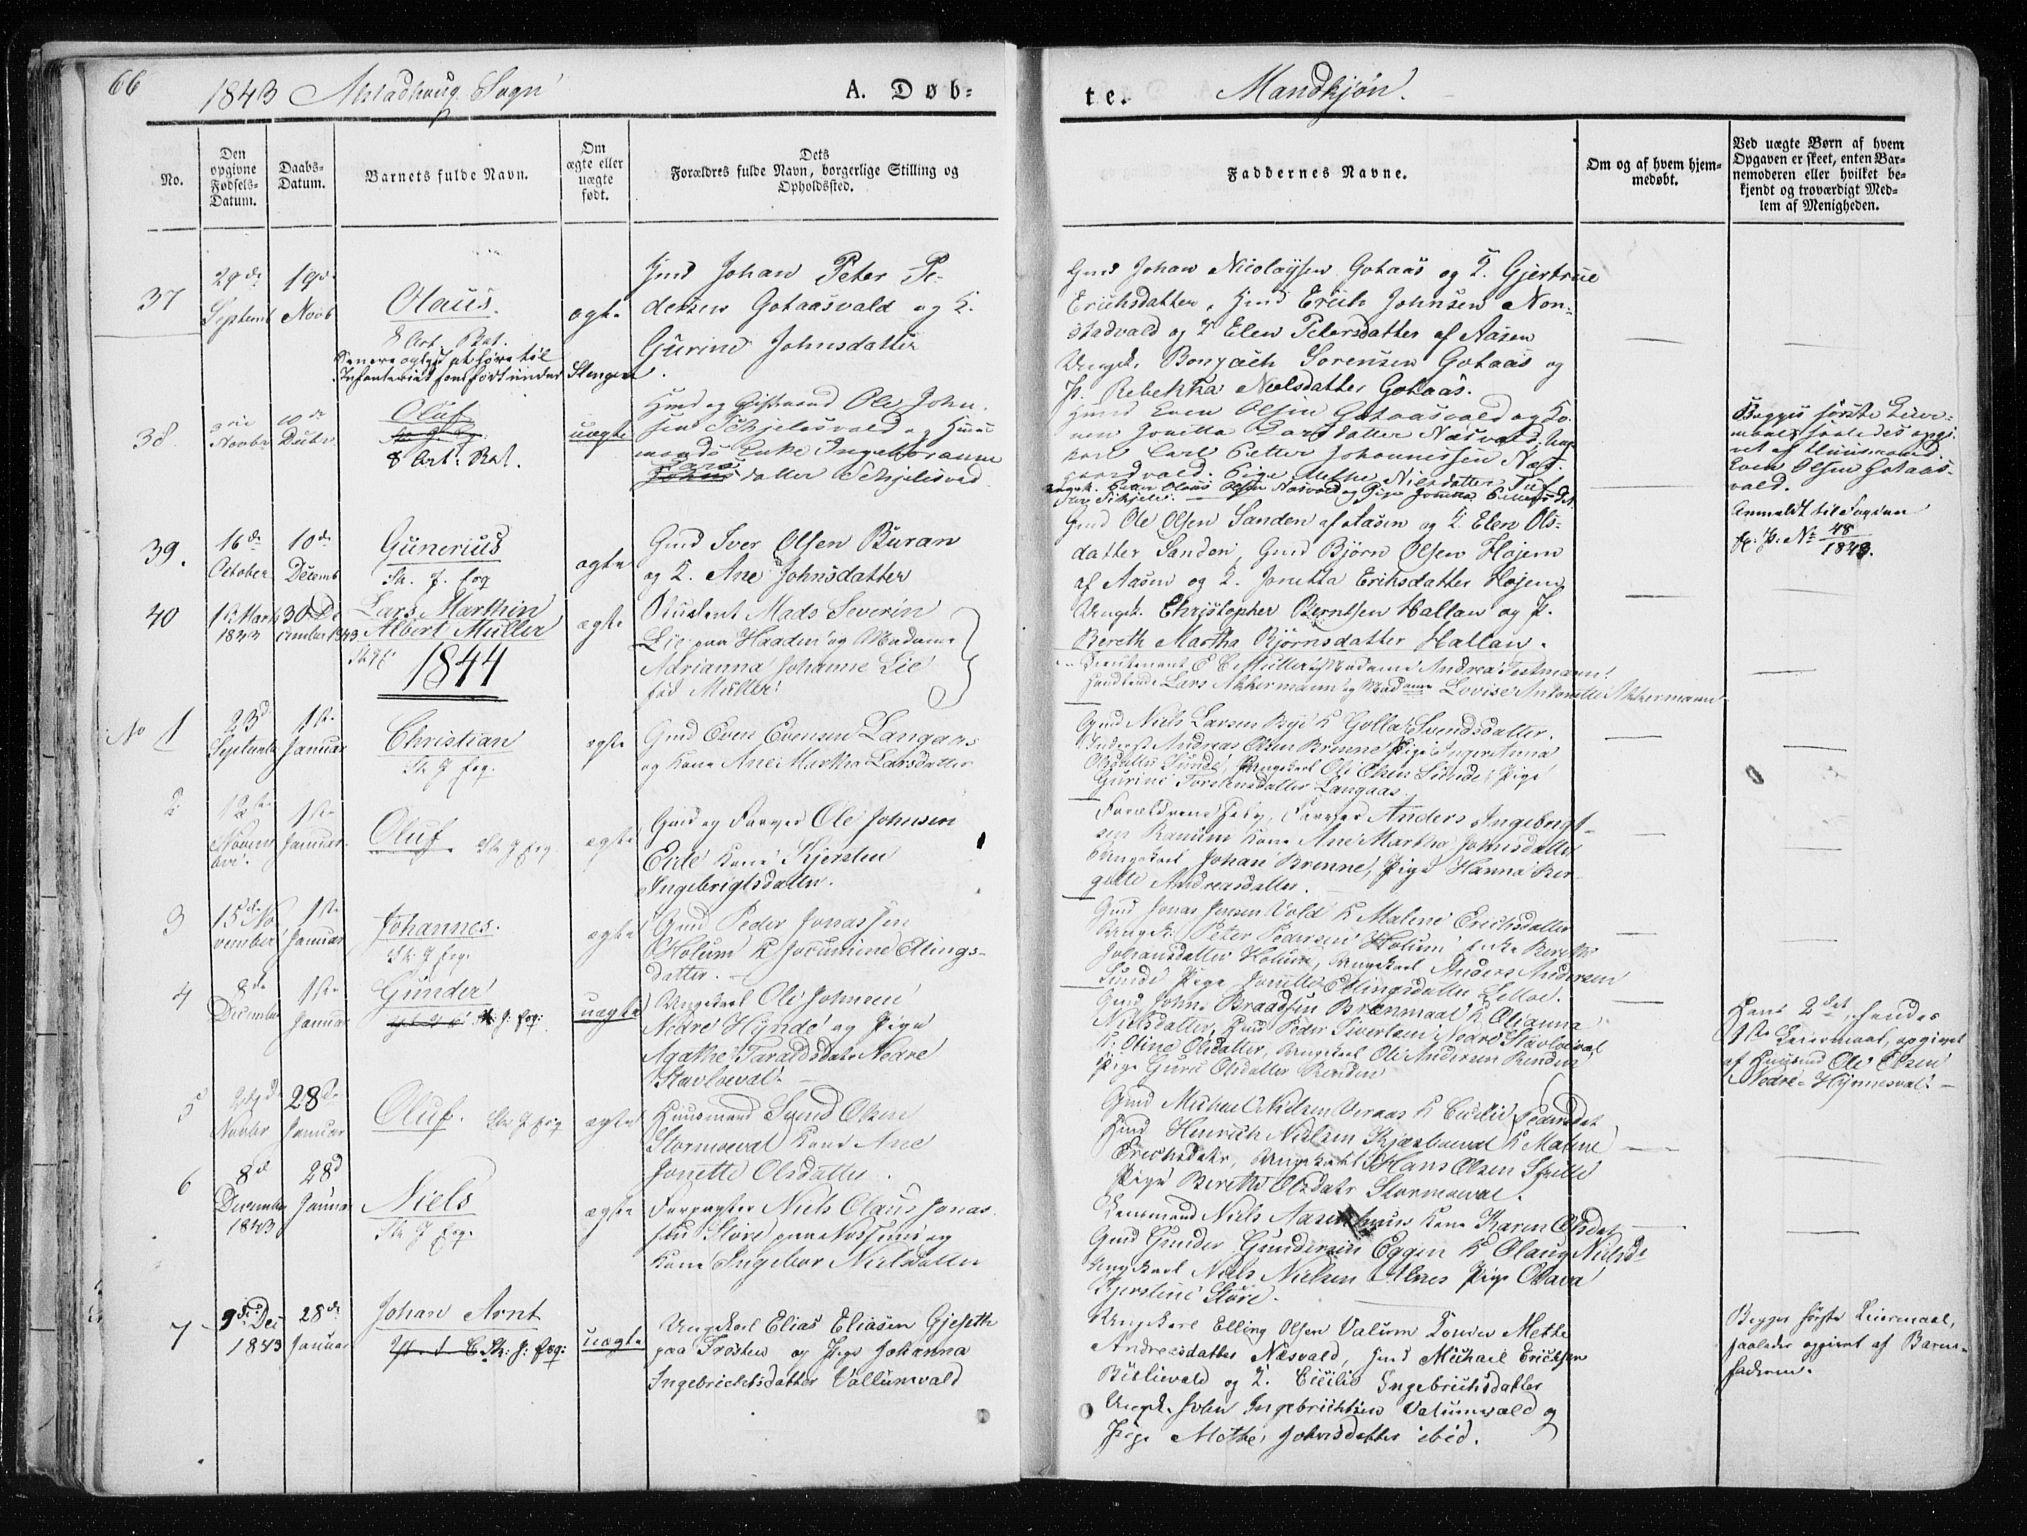 SAT, Ministerialprotokoller, klokkerbøker og fødselsregistre - Nord-Trøndelag, 717/L0154: Ministerialbok nr. 717A06 /1, 1836-1849, s. 66